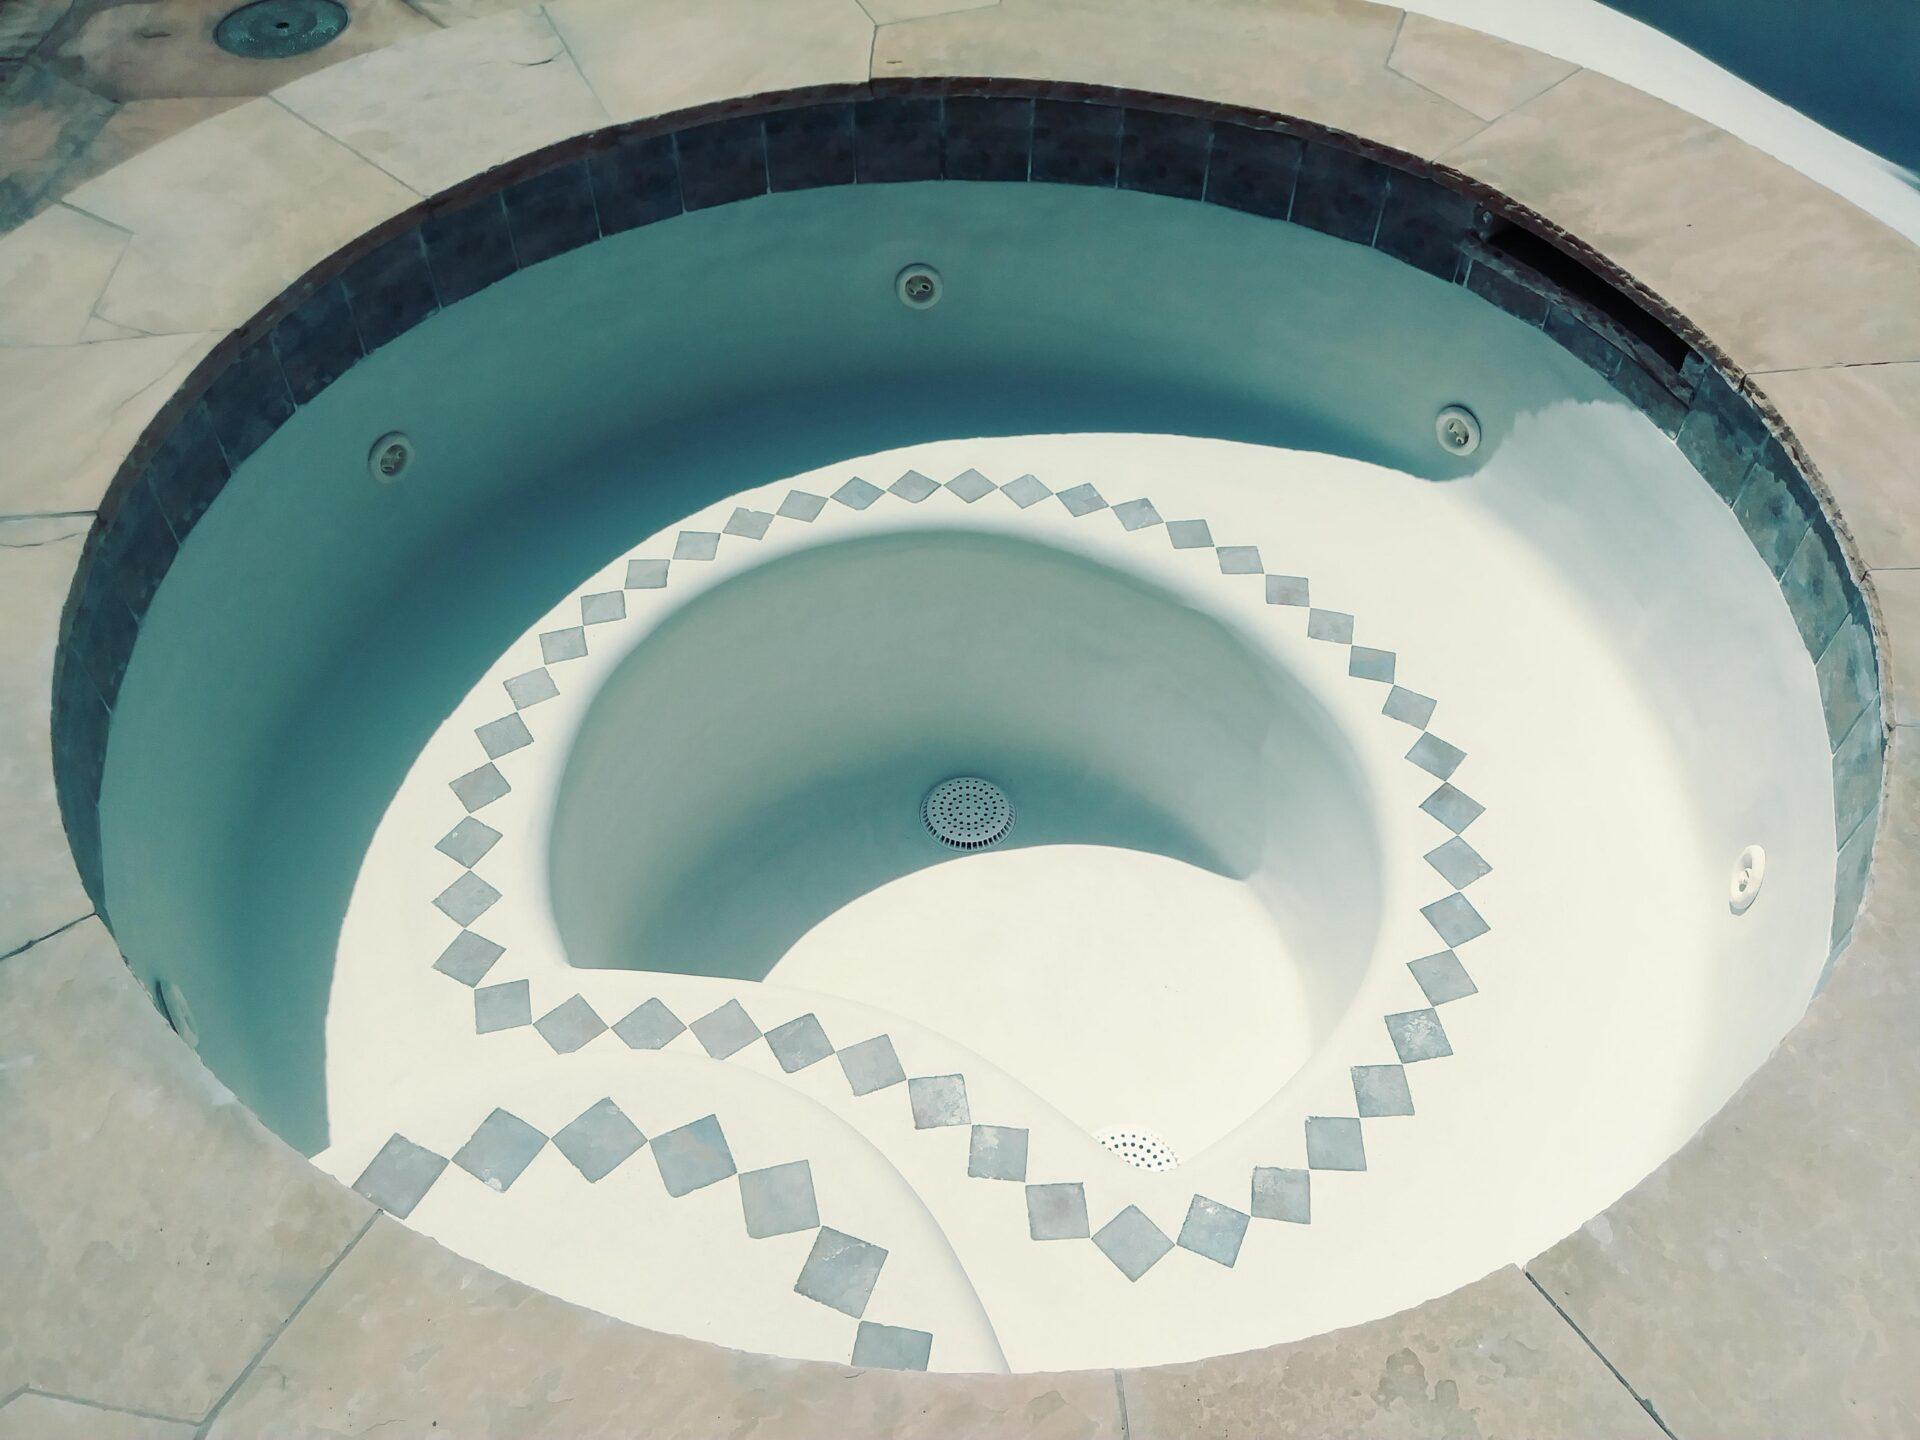 Pool Re-Plaster - Deerfield - After Image006